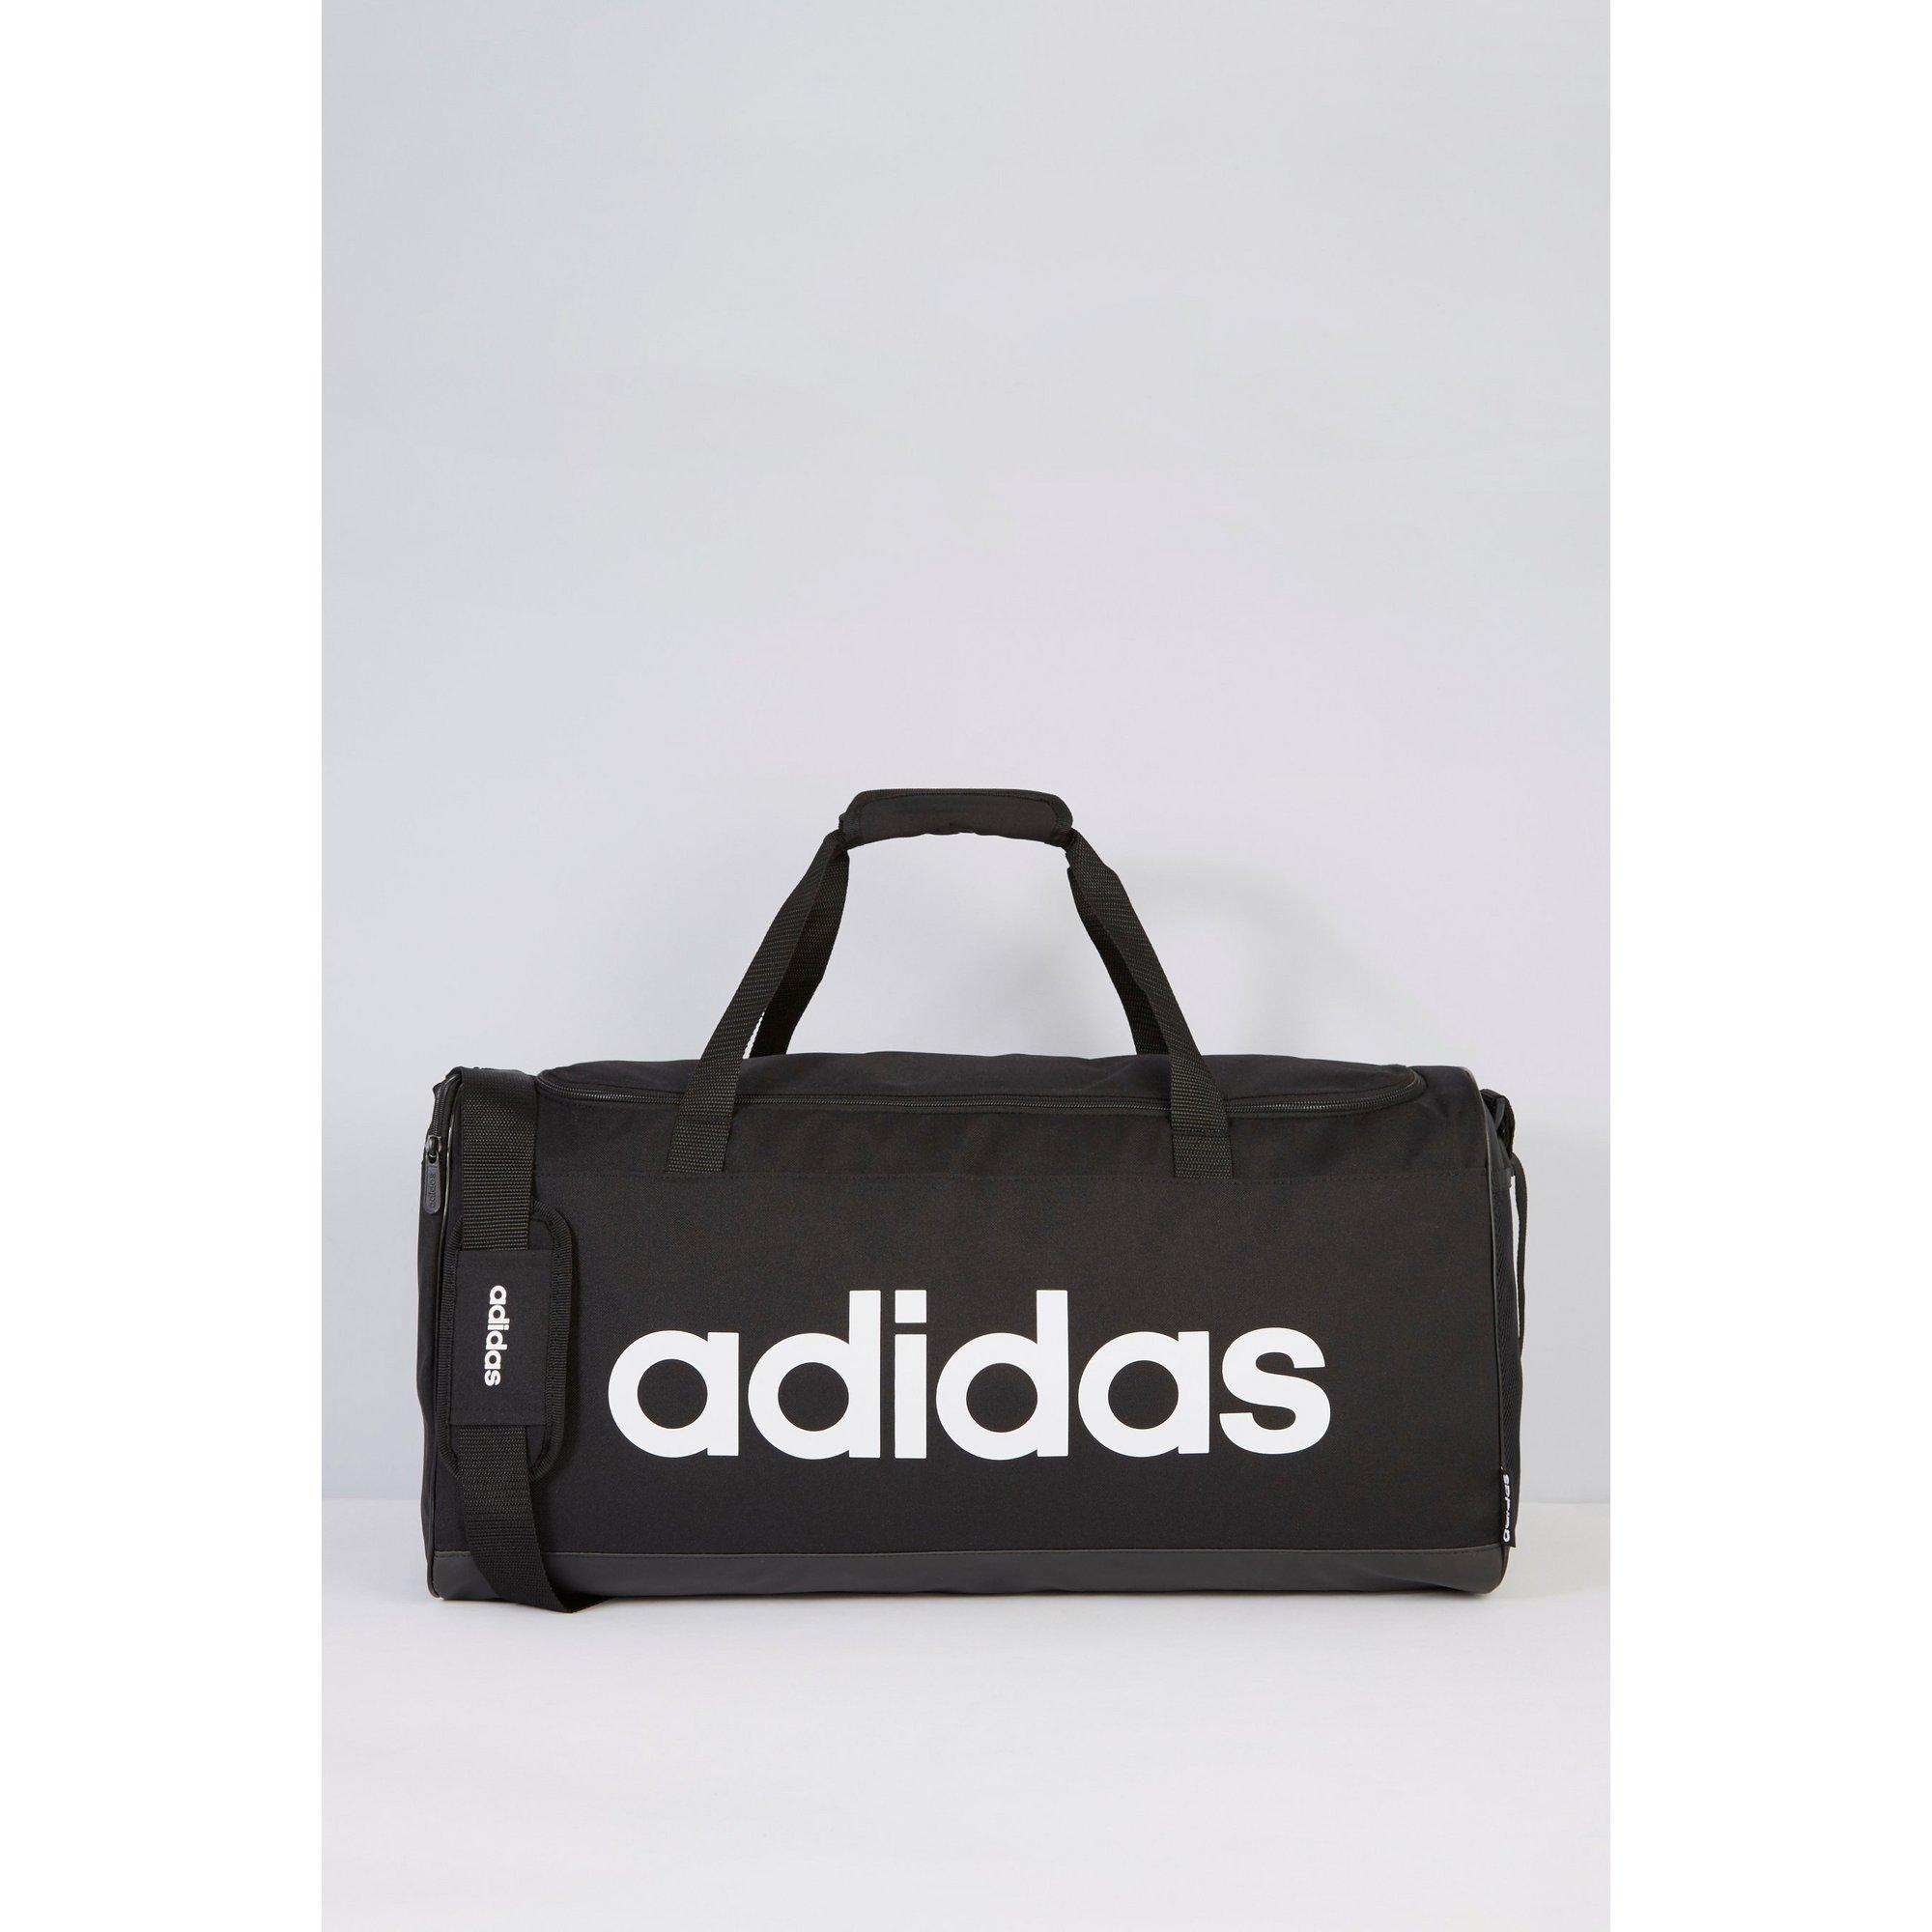 Image of adidas Essentials Medium Duffle Bag